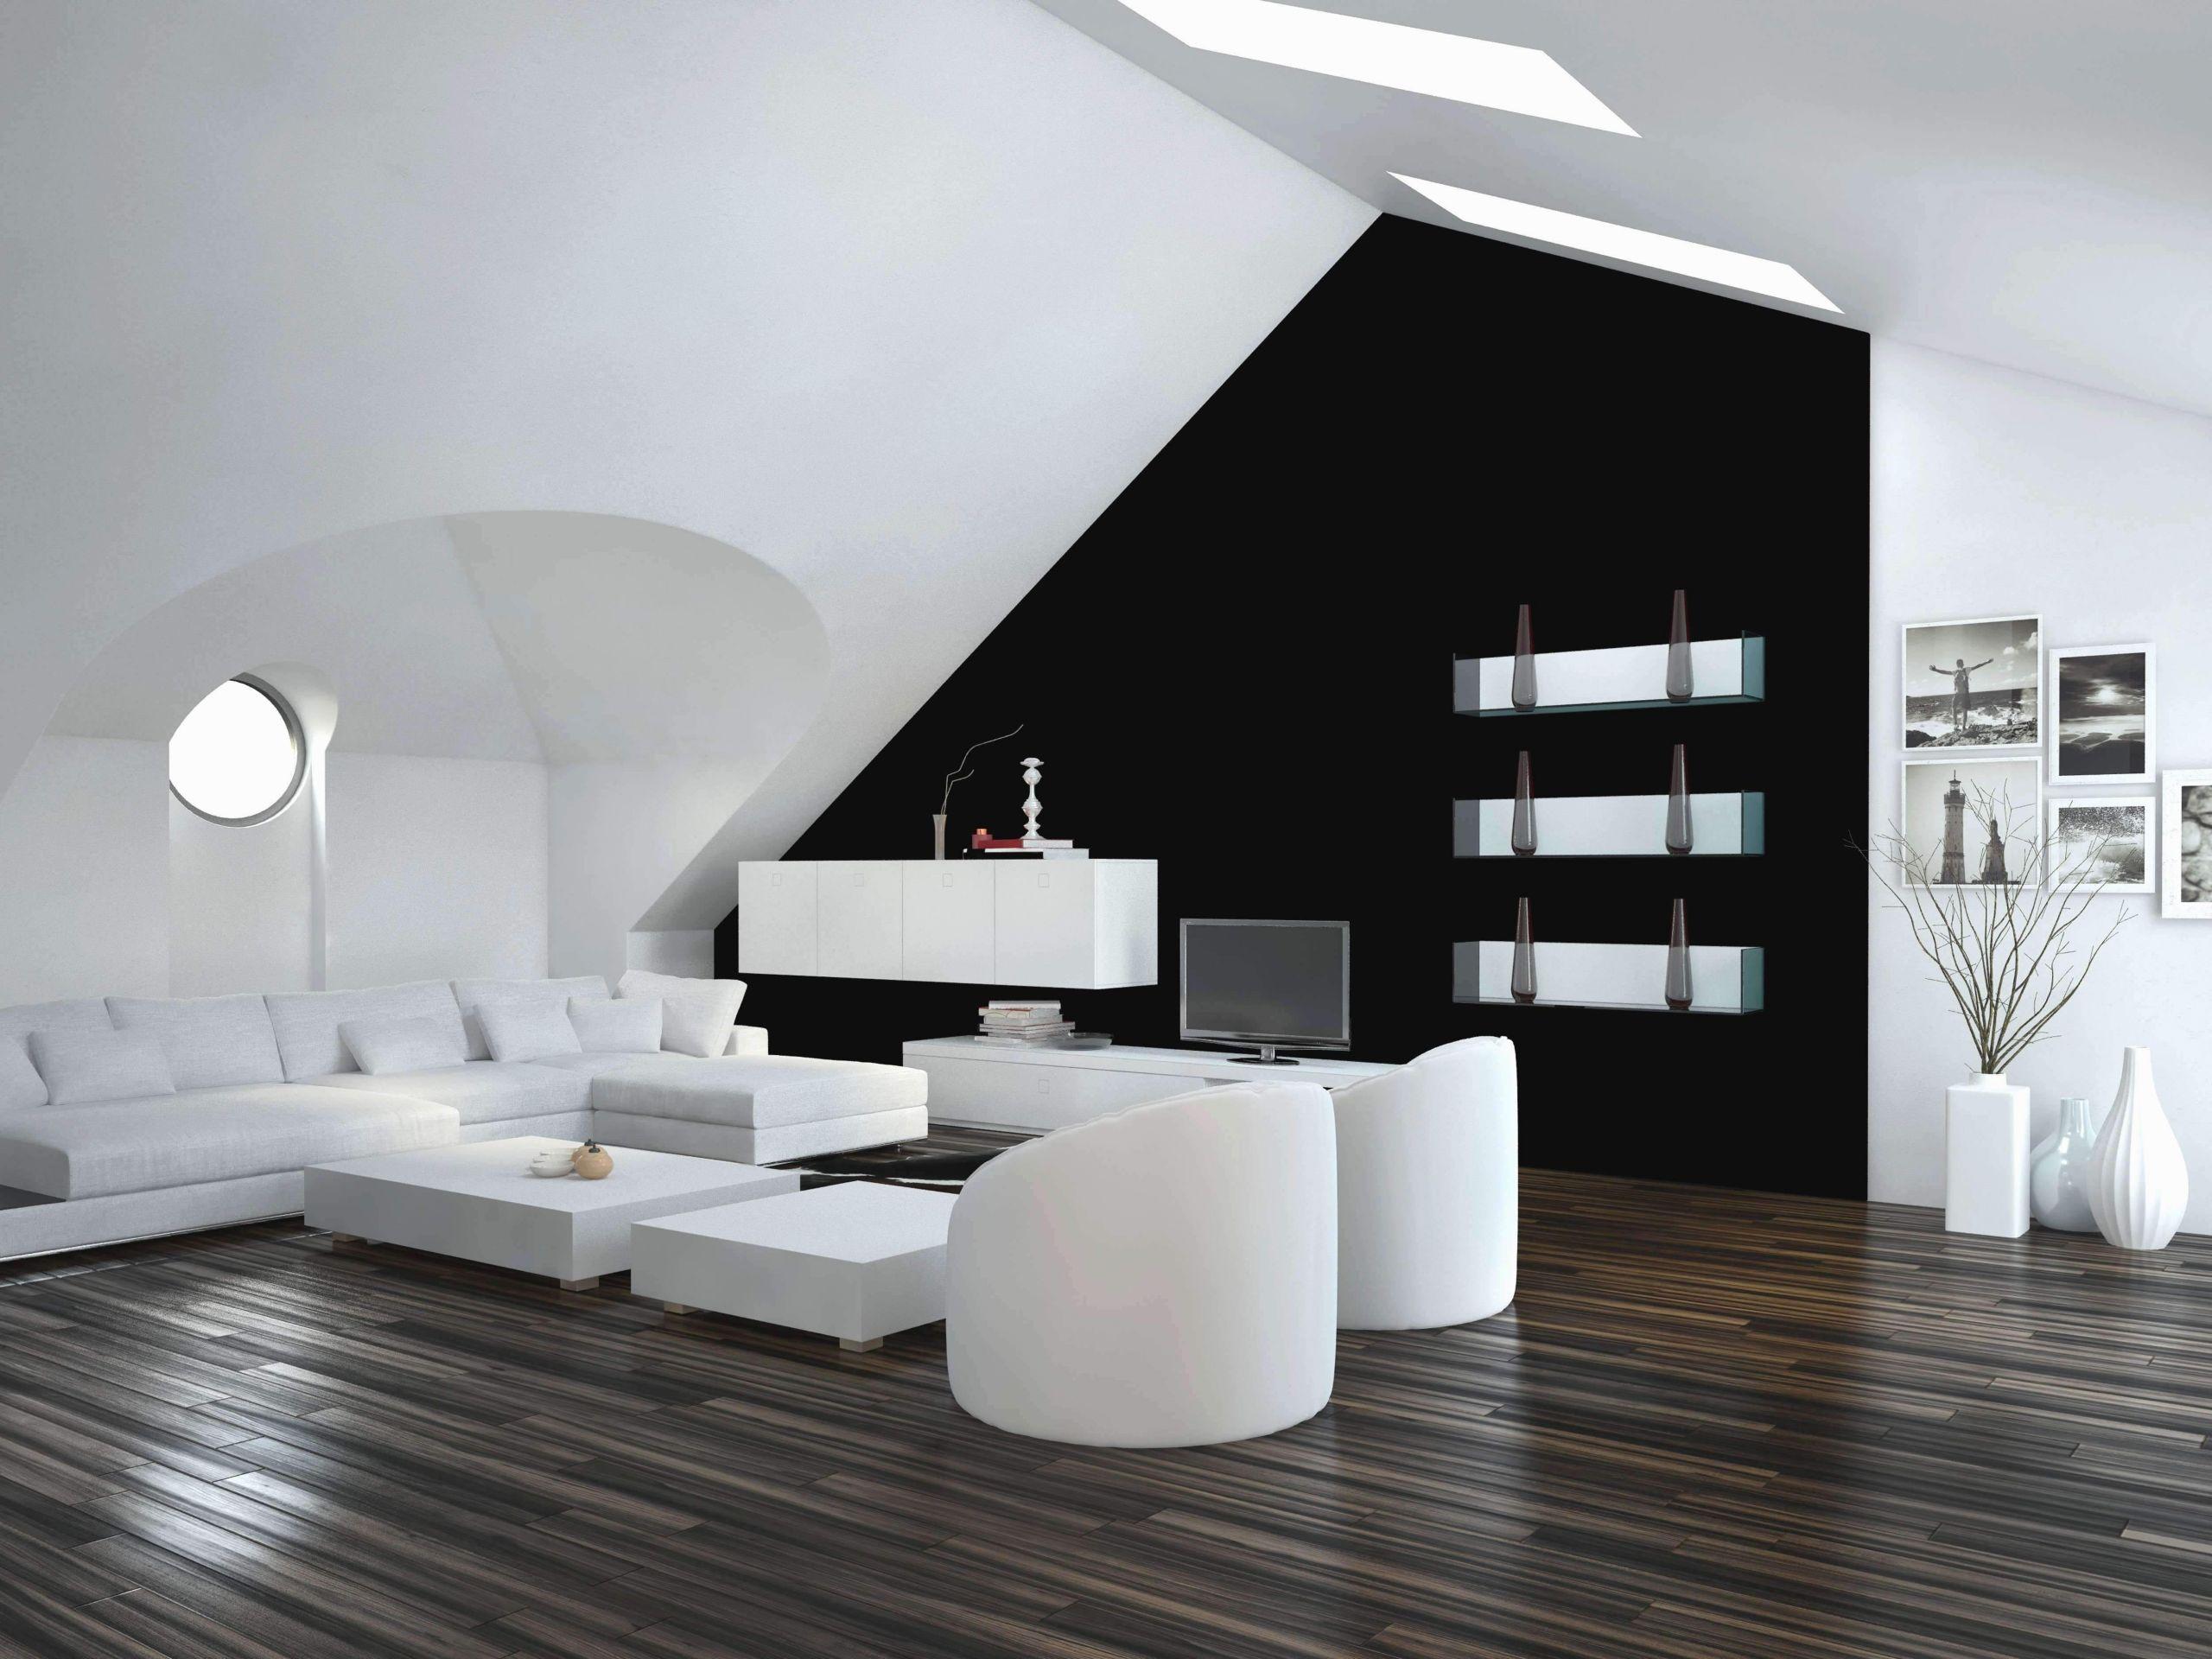 wanddeko ideen wohnzimmer inspirierend steinwand wohnzimmer selber machen einzigartig wohnzimmer of wanddeko ideen wohnzimmer